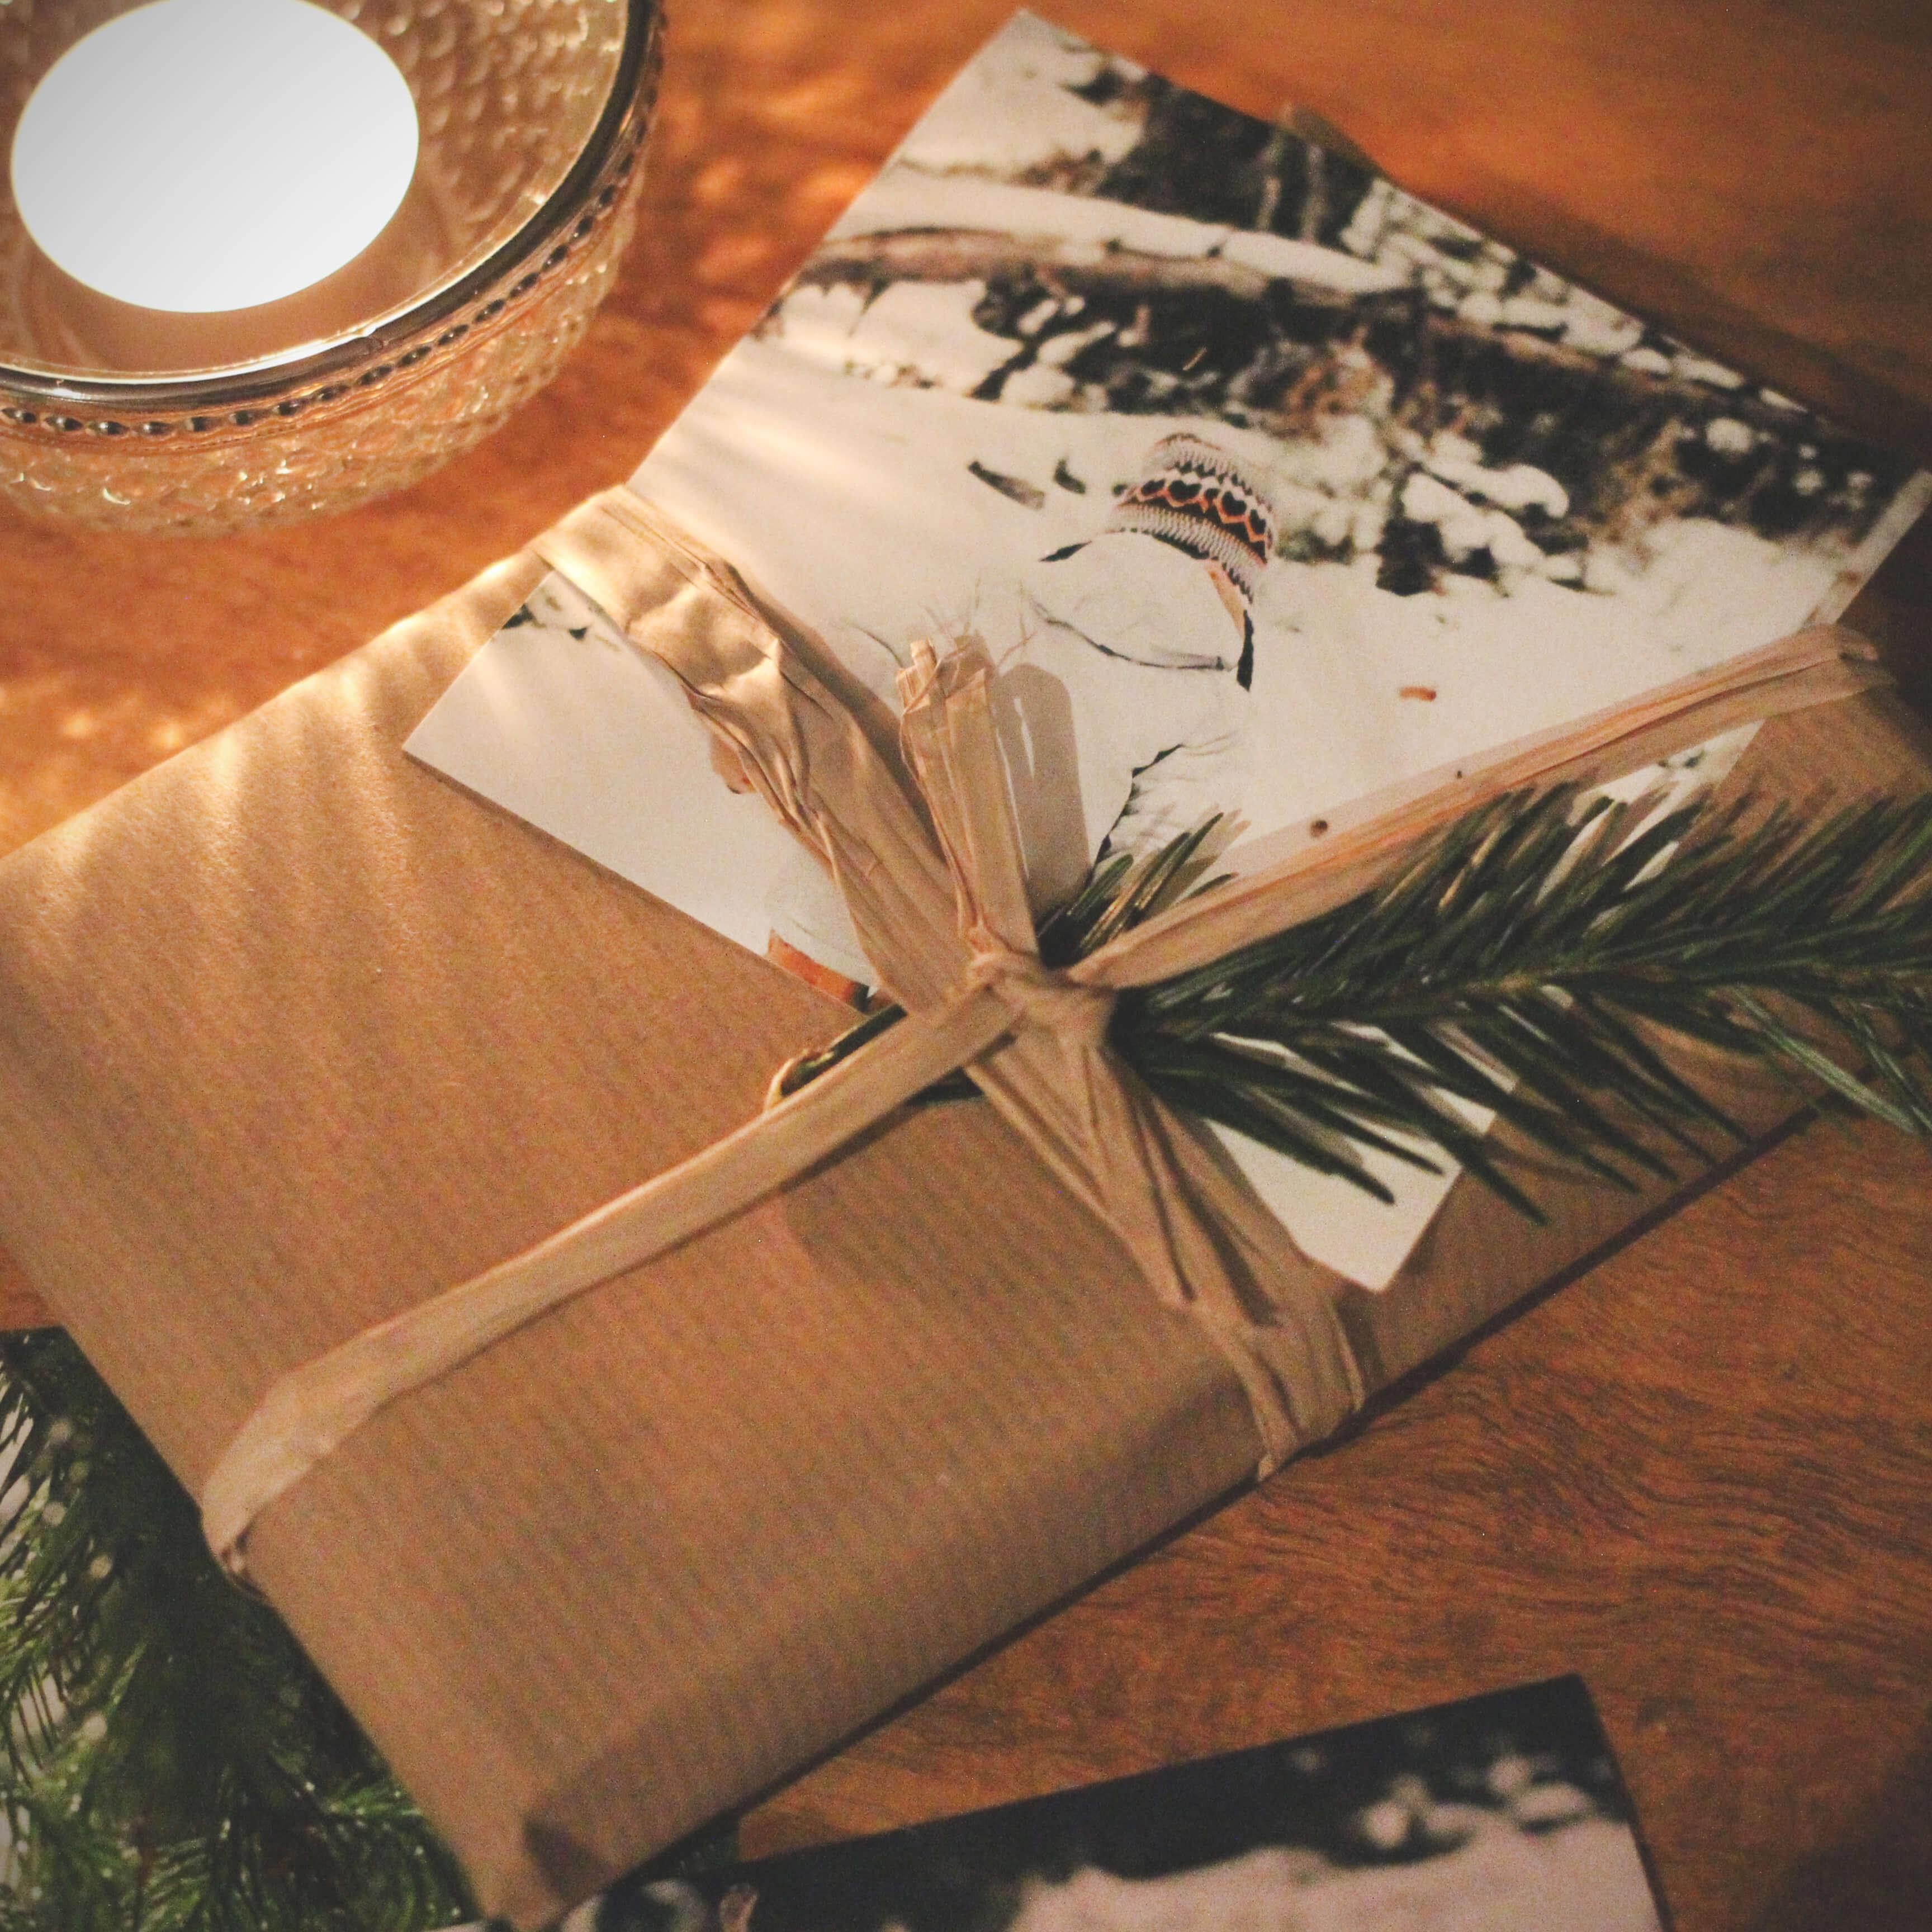 Gemeinsame Geschenke verpacken – einfach, schnell und ganz persönlich @MR_64